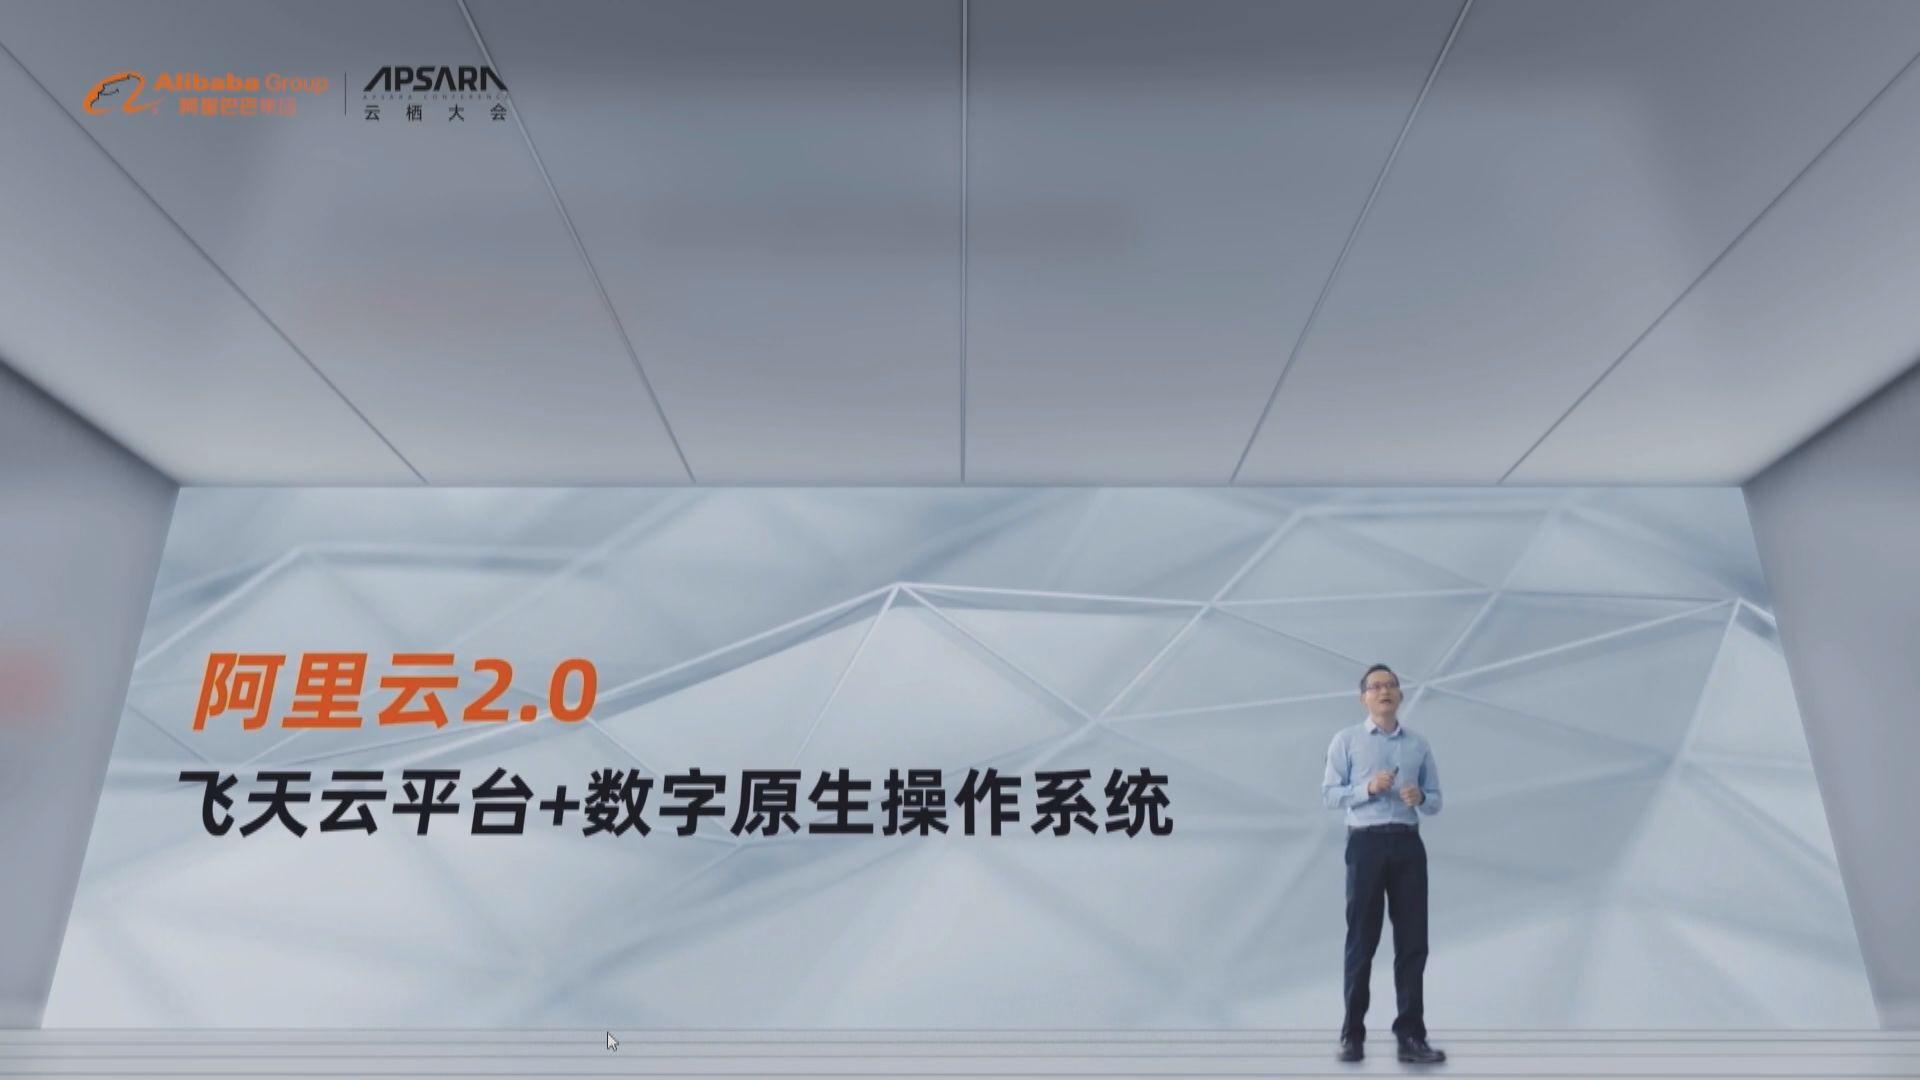 阿里雲進入2.0時代 推出雲電腦﹑運輸機械人